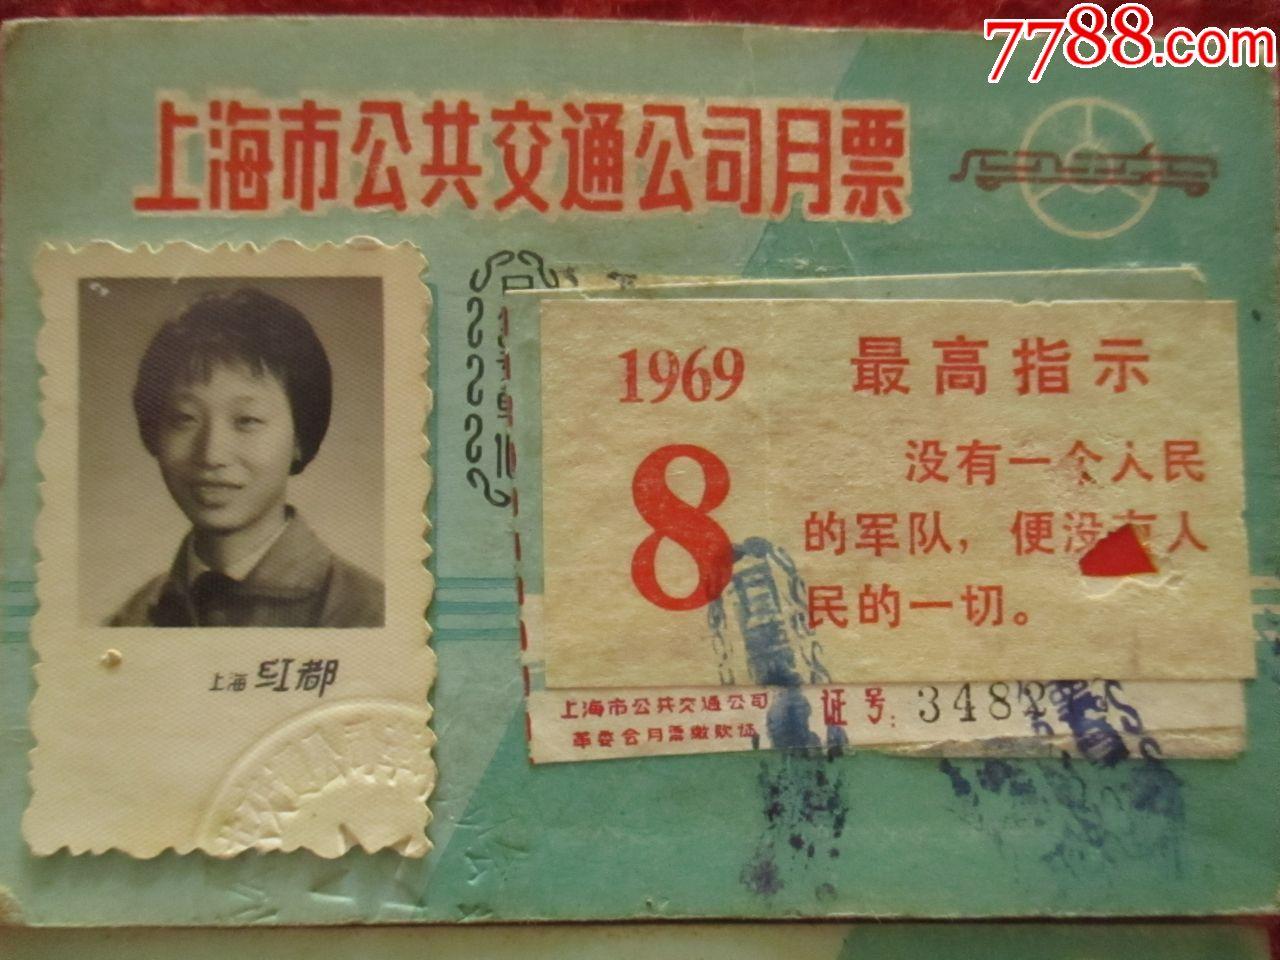 1969年上海市公共交通公司月票卡(7-8月)两枚带照片为同一人_第2张_